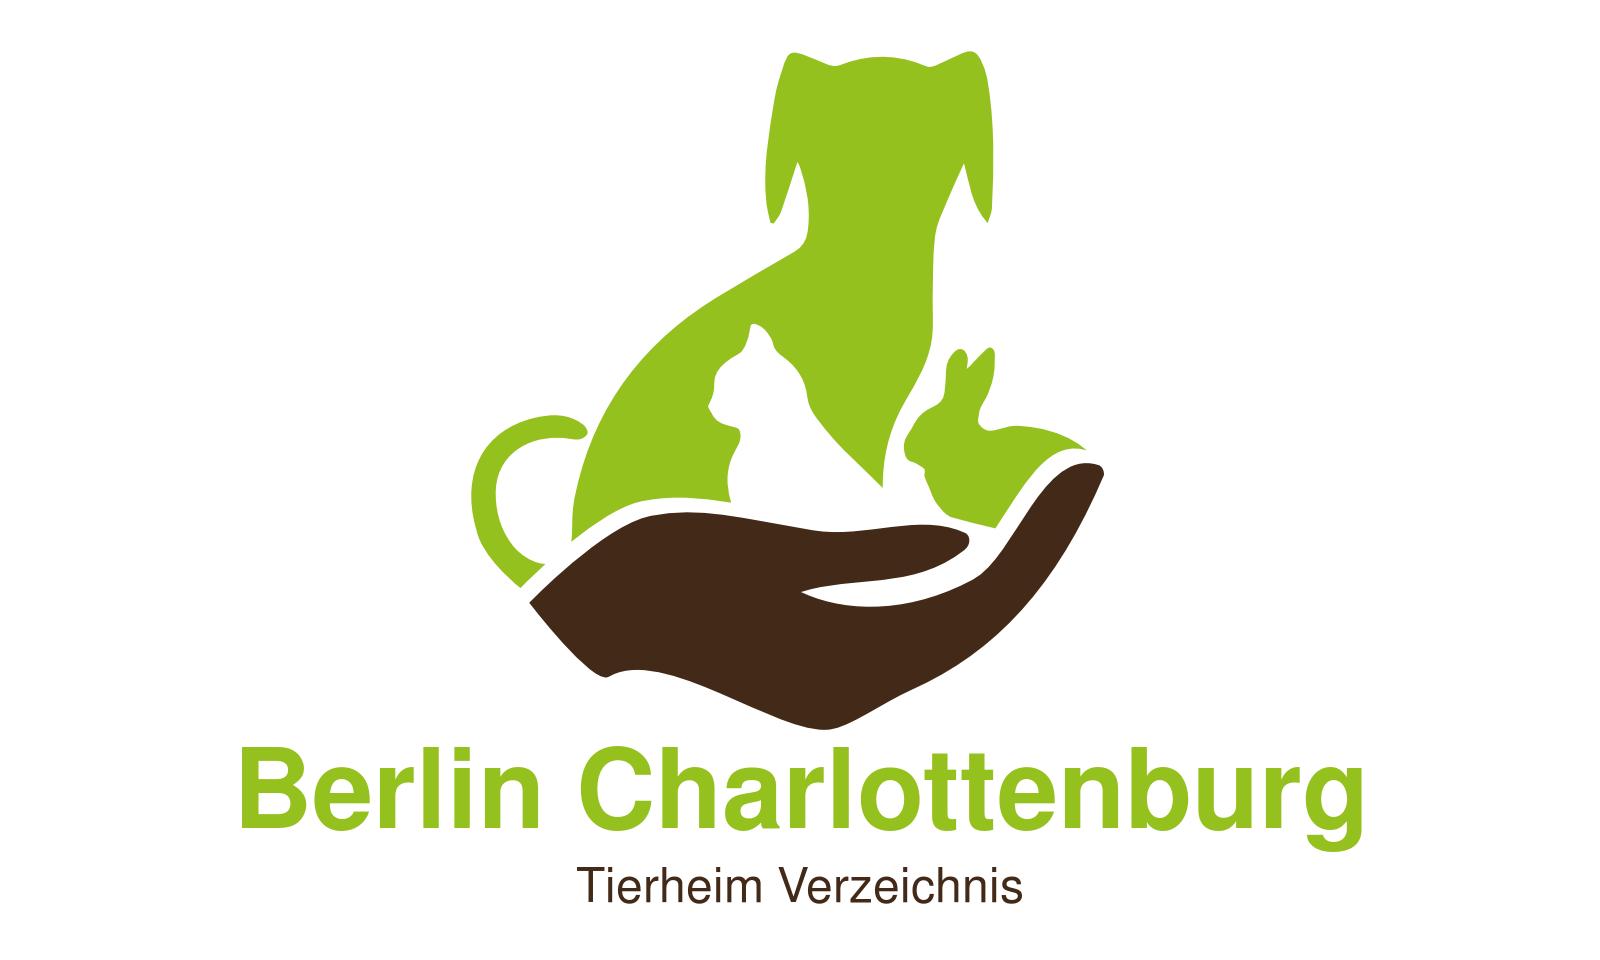 Tierheim Berlin Charlottenburg